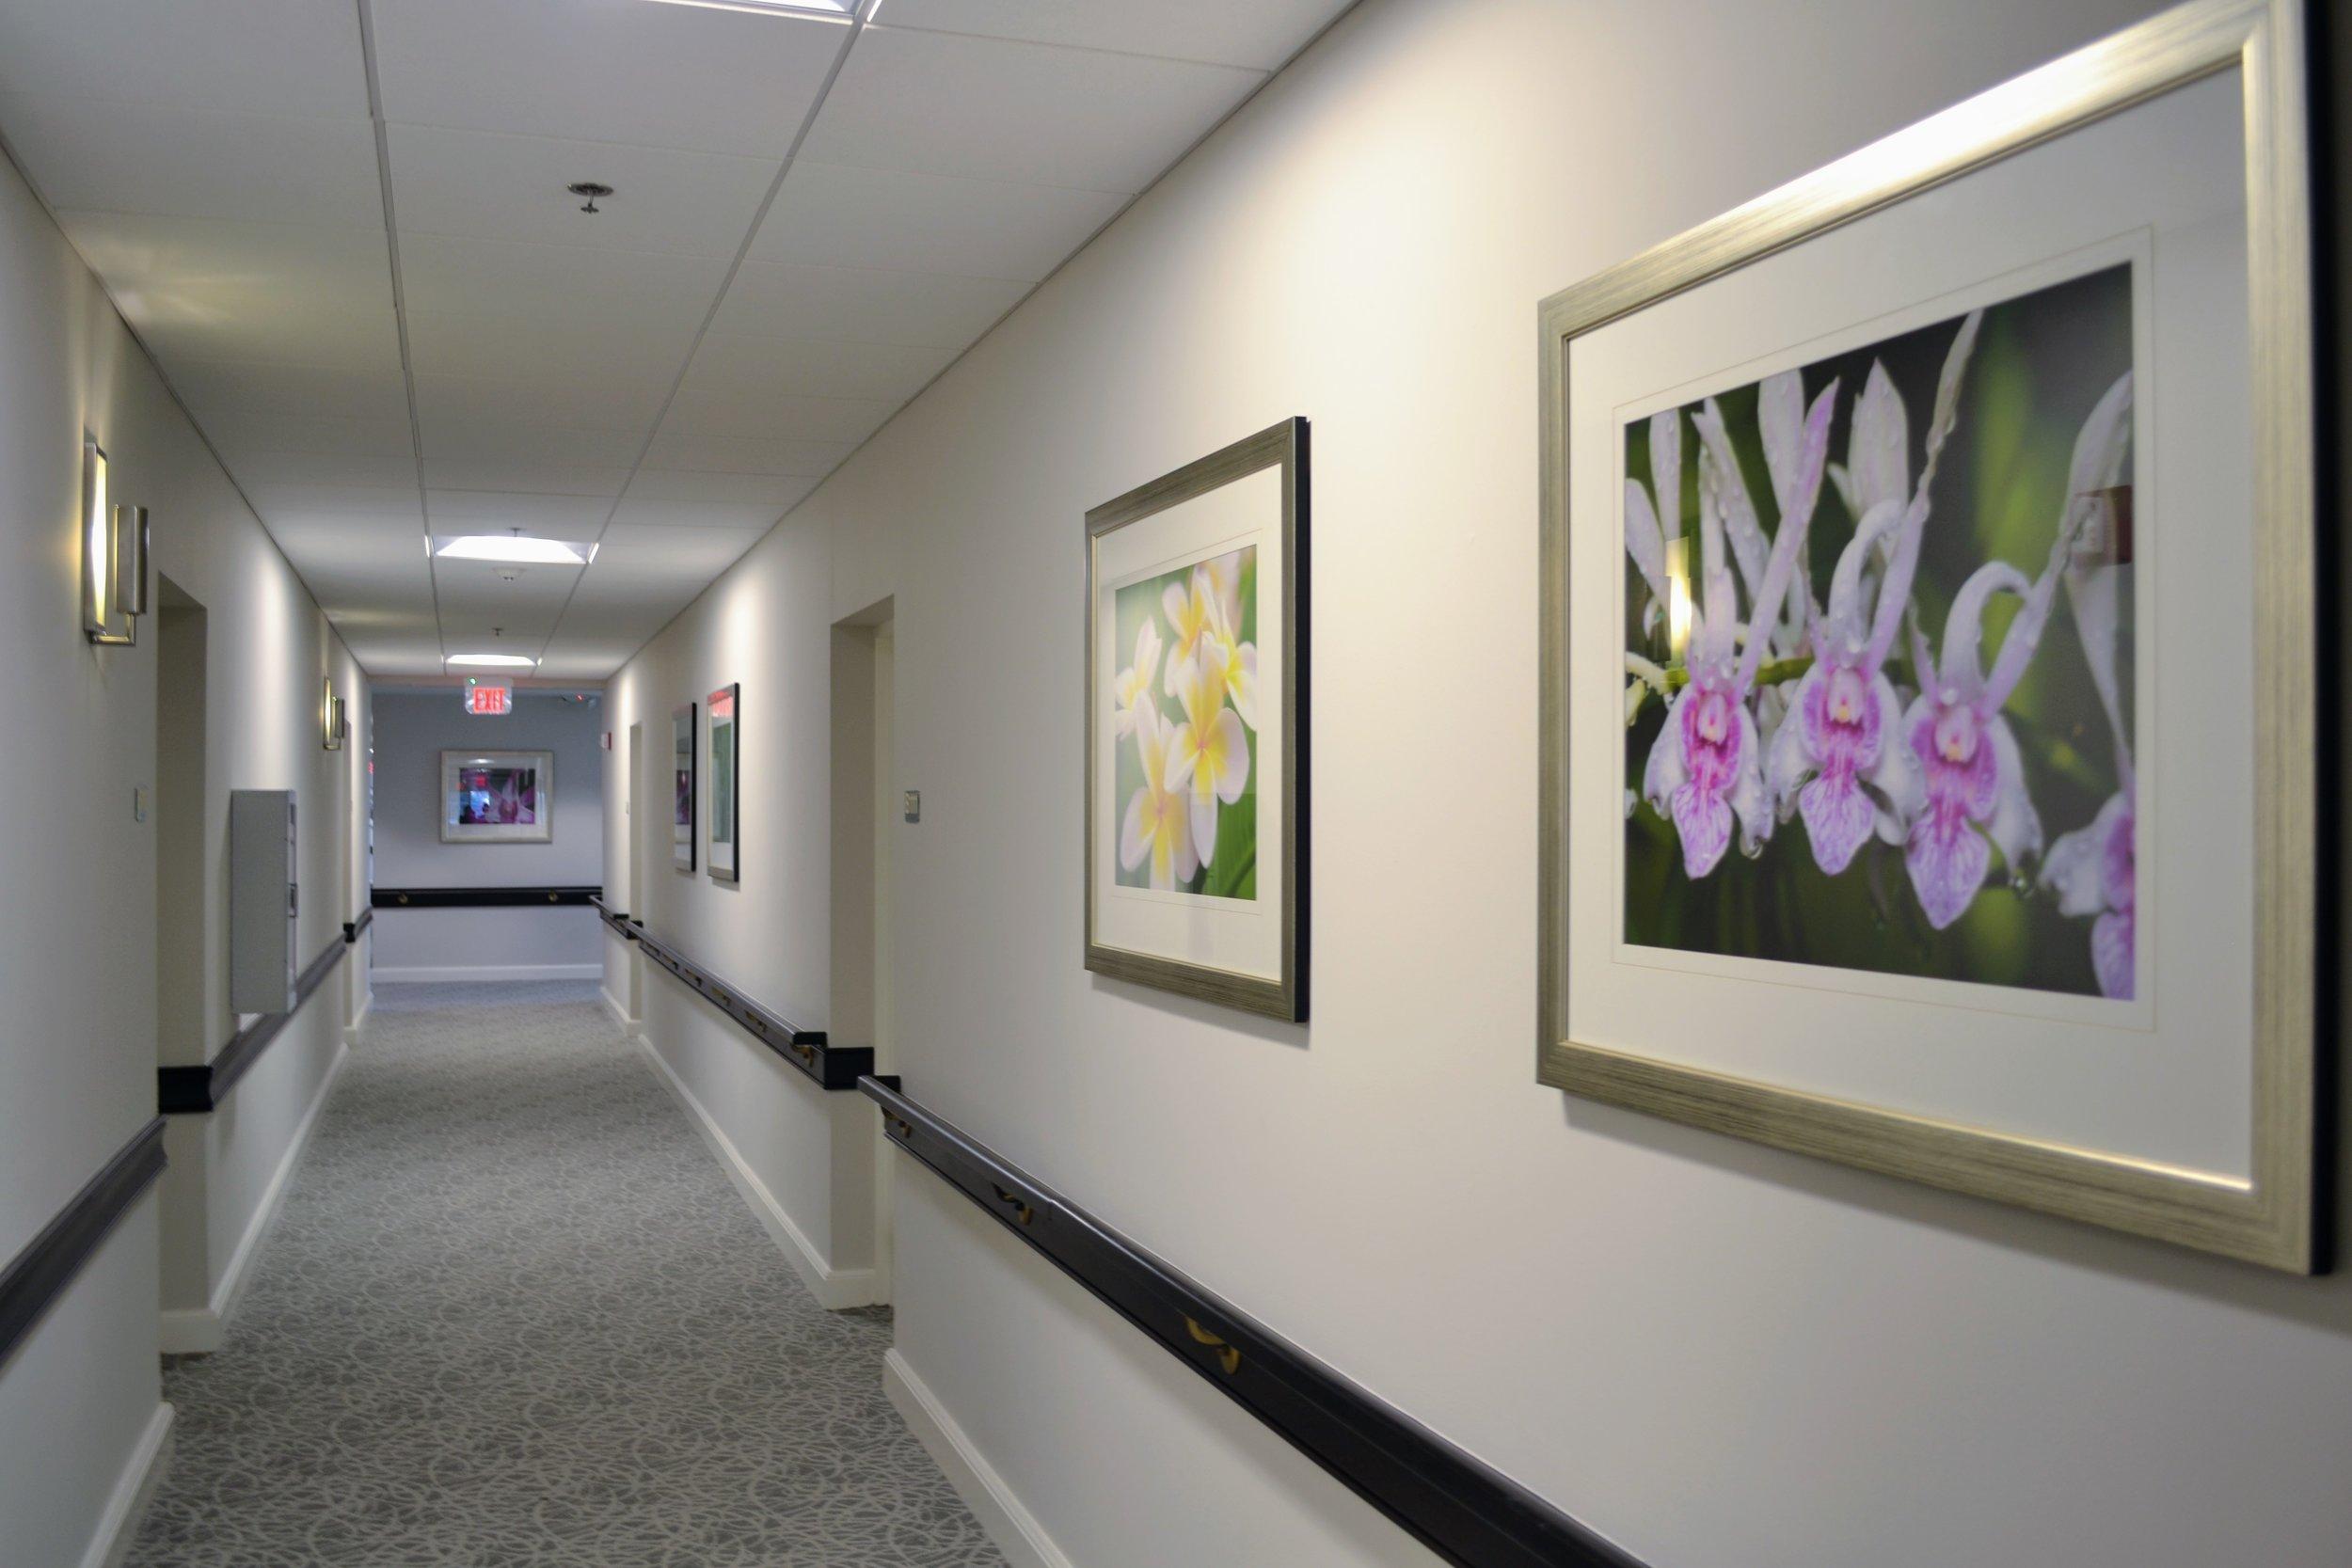 Banyan Place at Boca Raton Interior Hallway